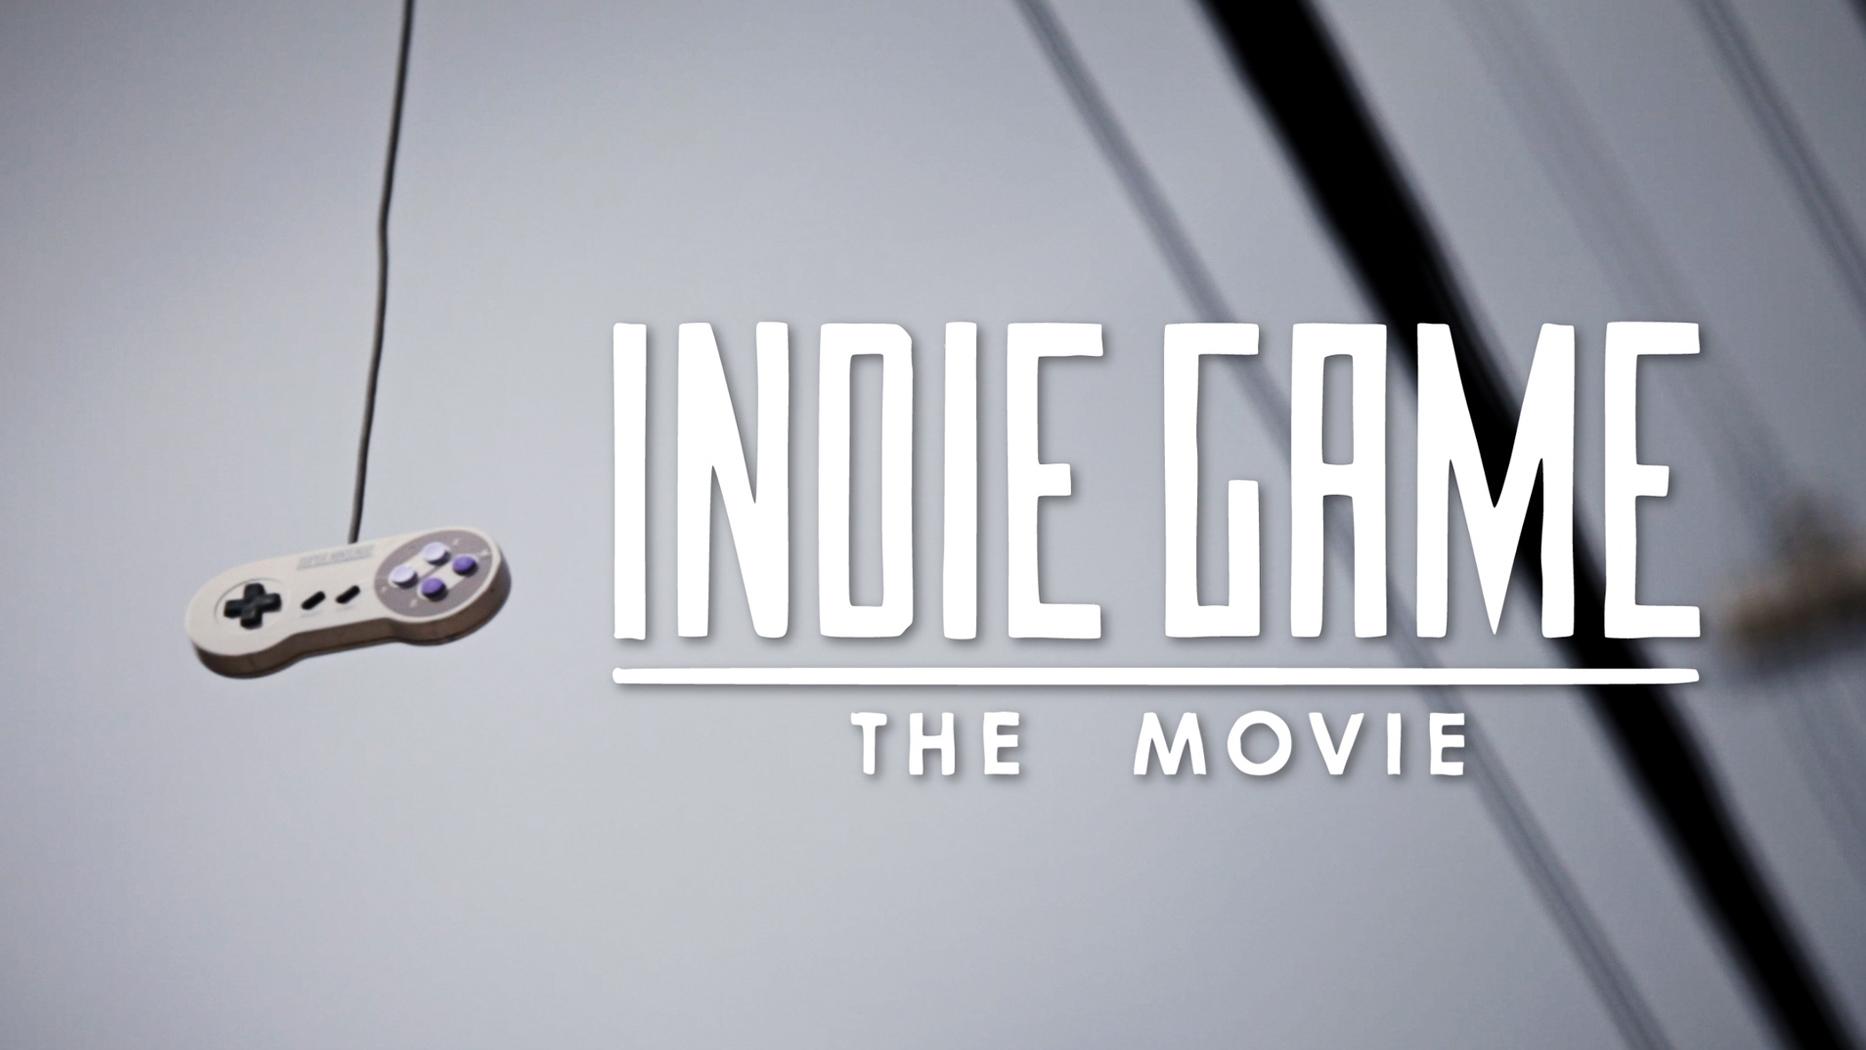 Indie-Game-the-movie-2.jpeg